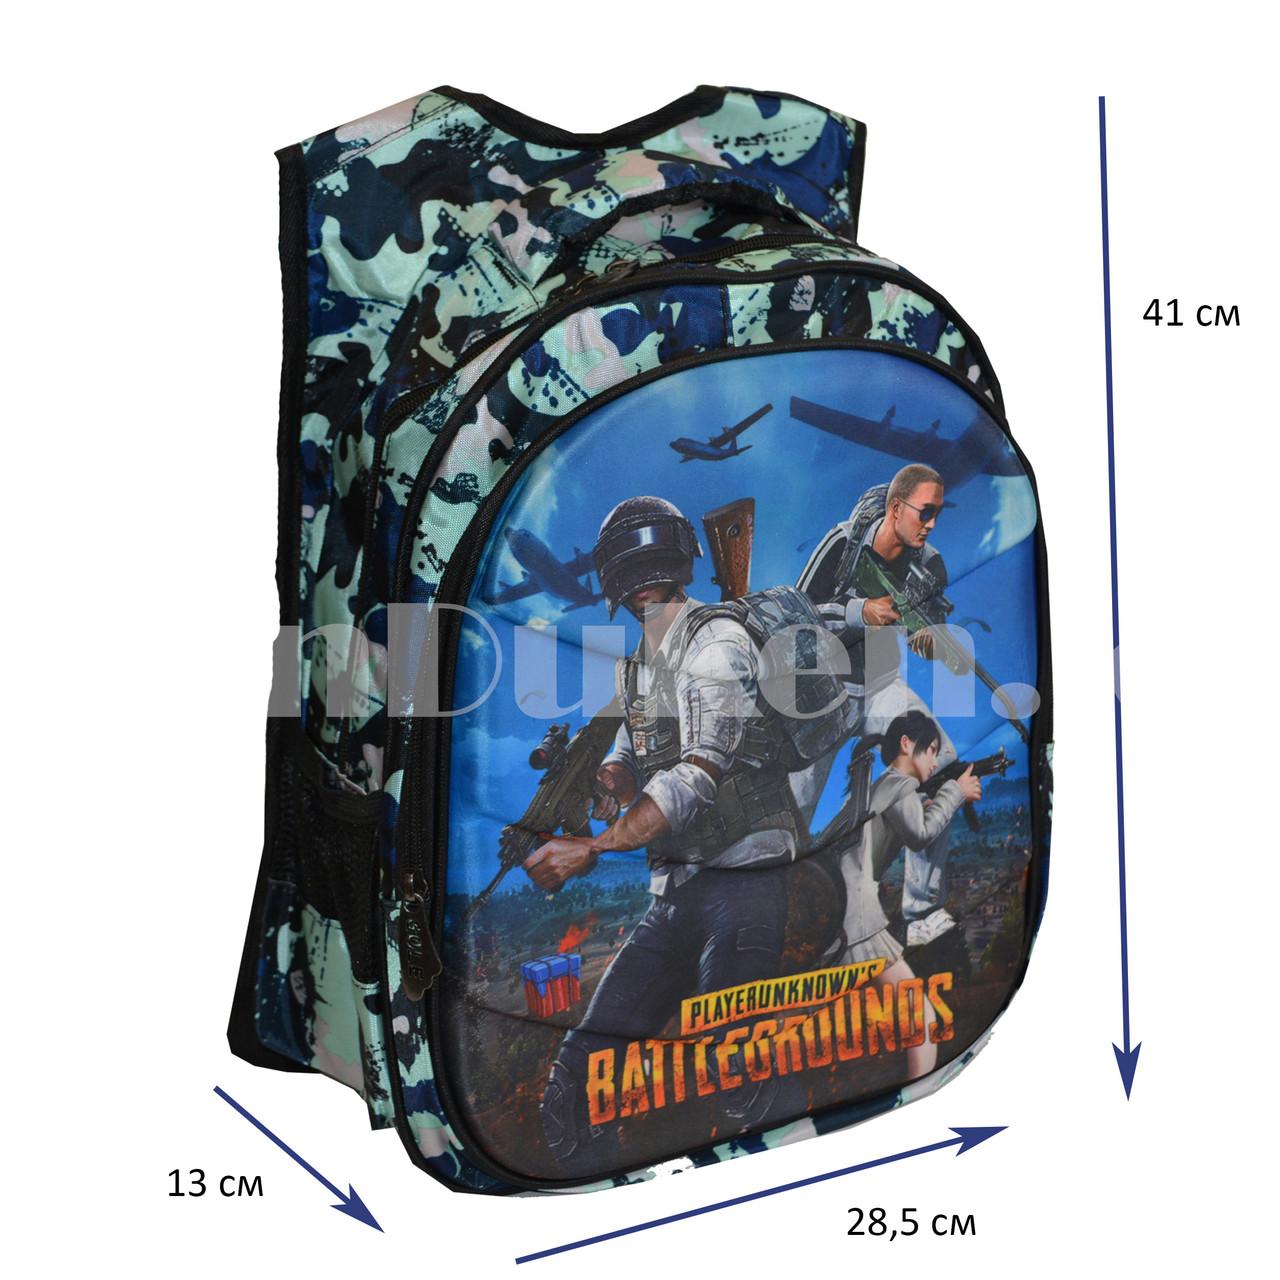 Рюкзак с ортопедической спинкой подростковый камуфляжный Battlegrounds 421 - фото 2